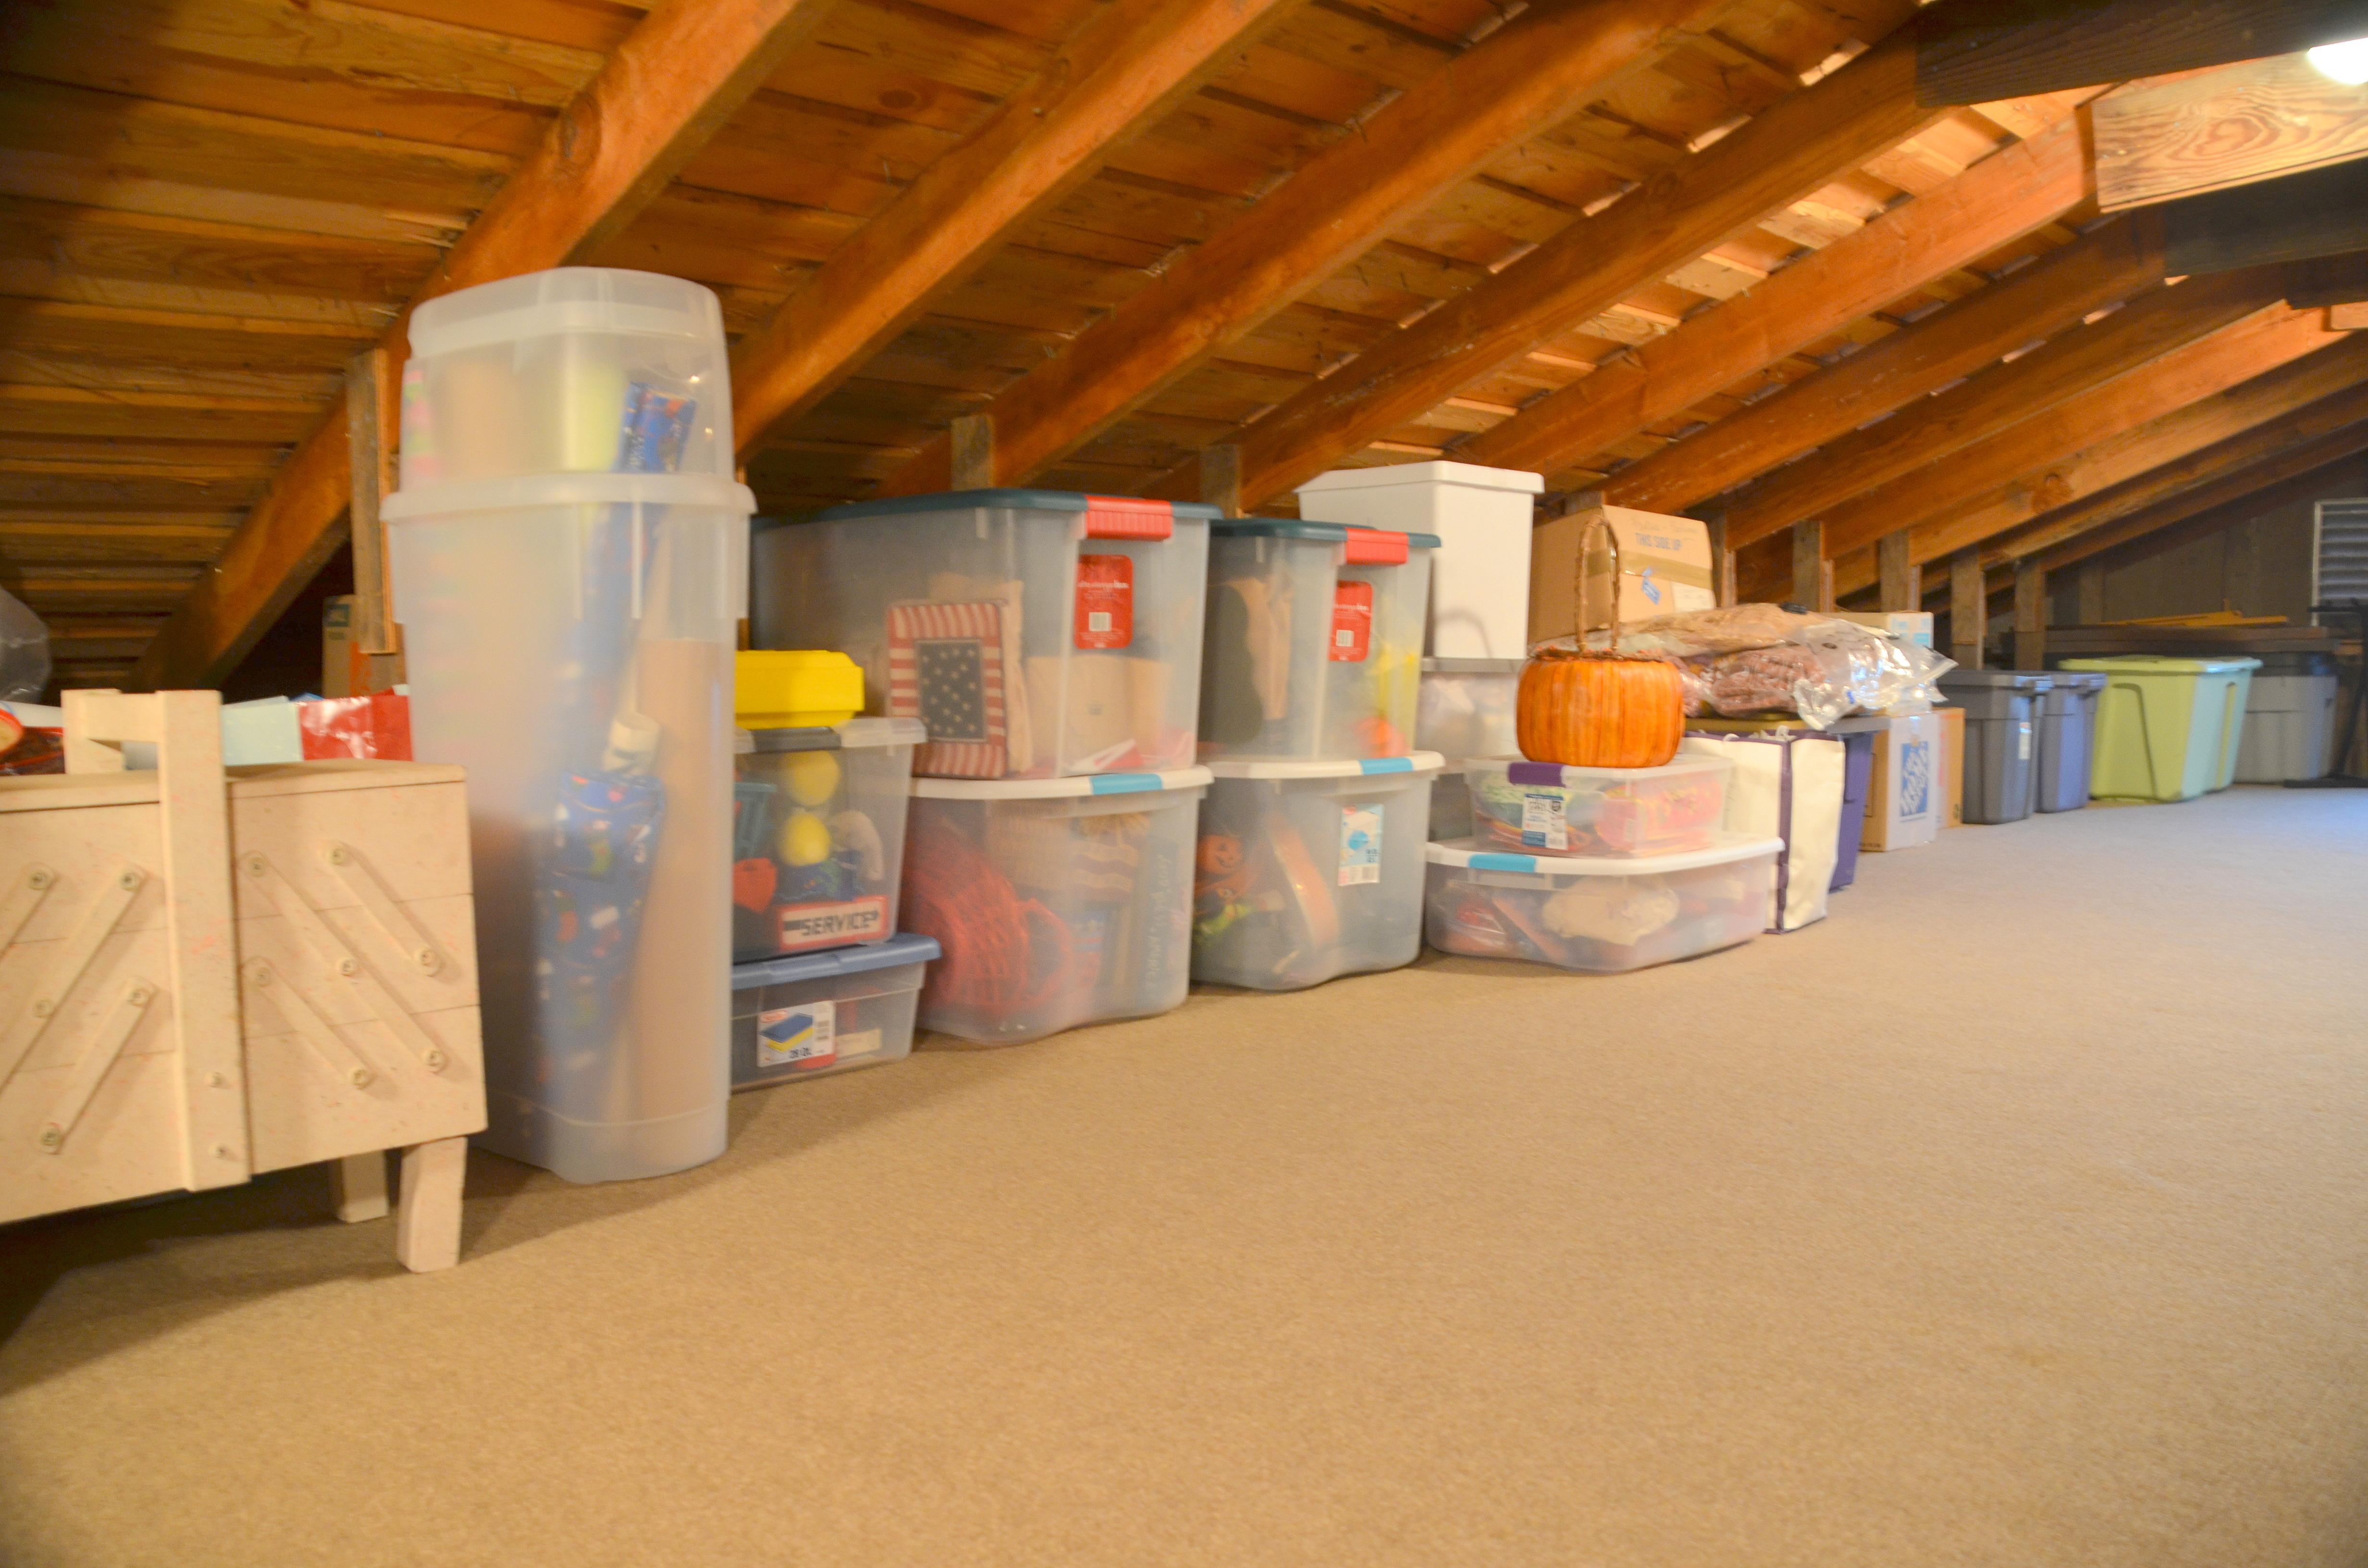 Attic Storage The Happy Wonderer Ellen B